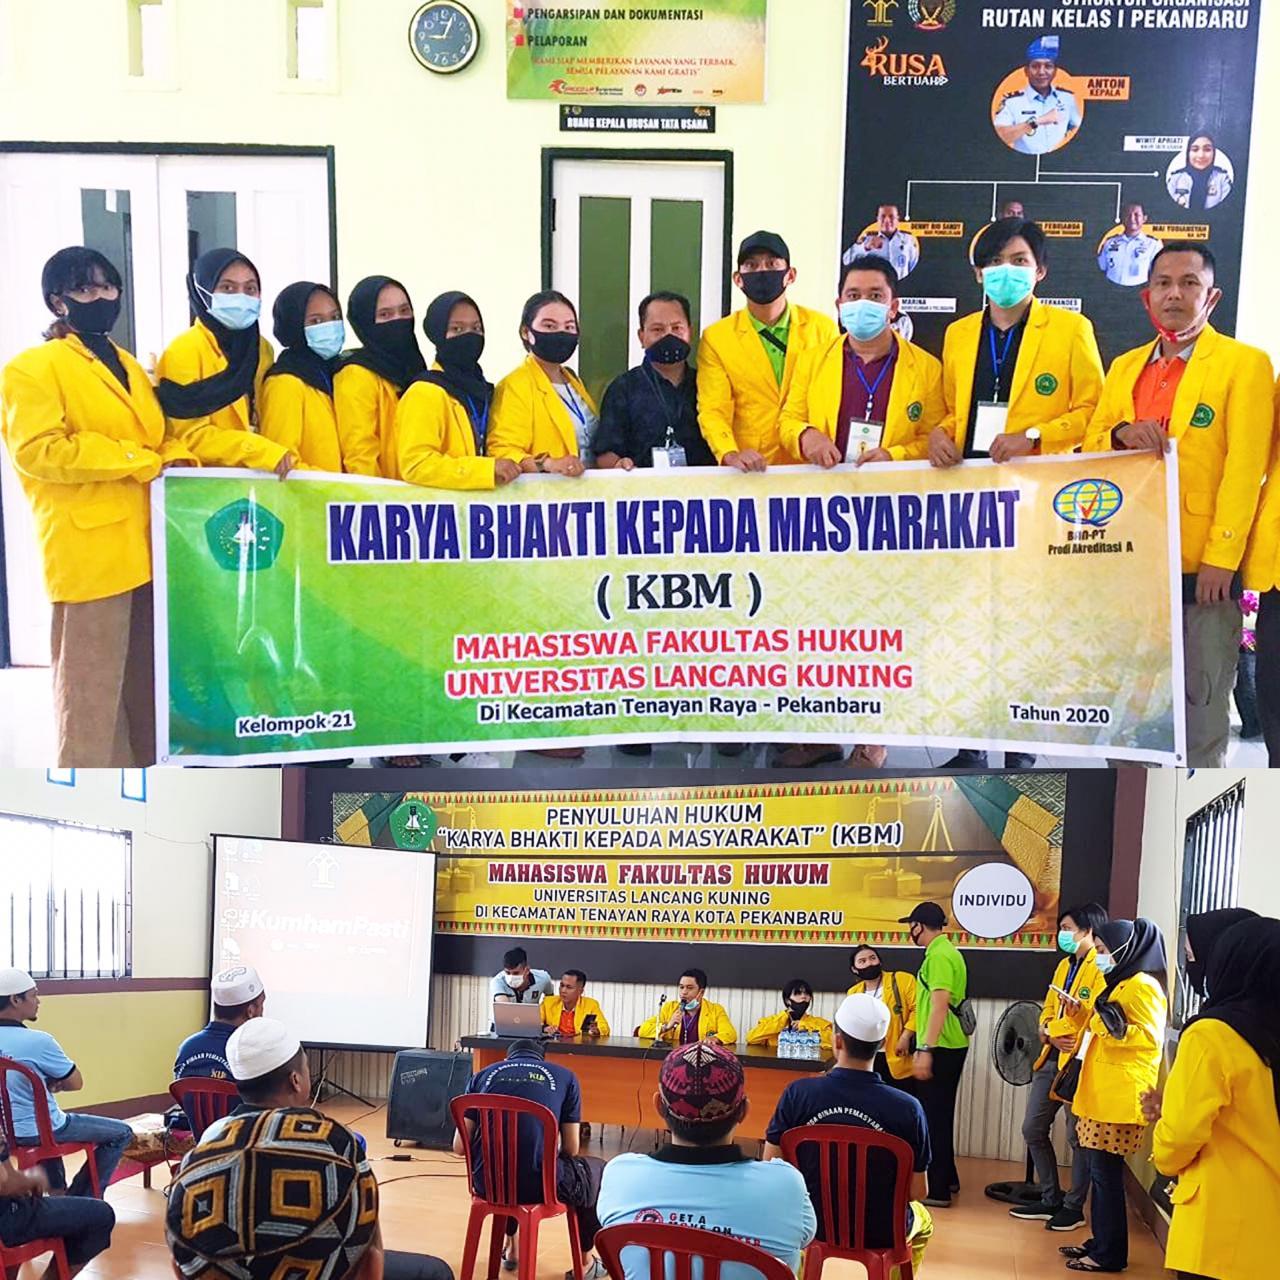 Mahasiswa Fakultas Hukum Unilak yang Tergabung Dalam Kelompok 21 Lakukan Penyuluhan Hukum